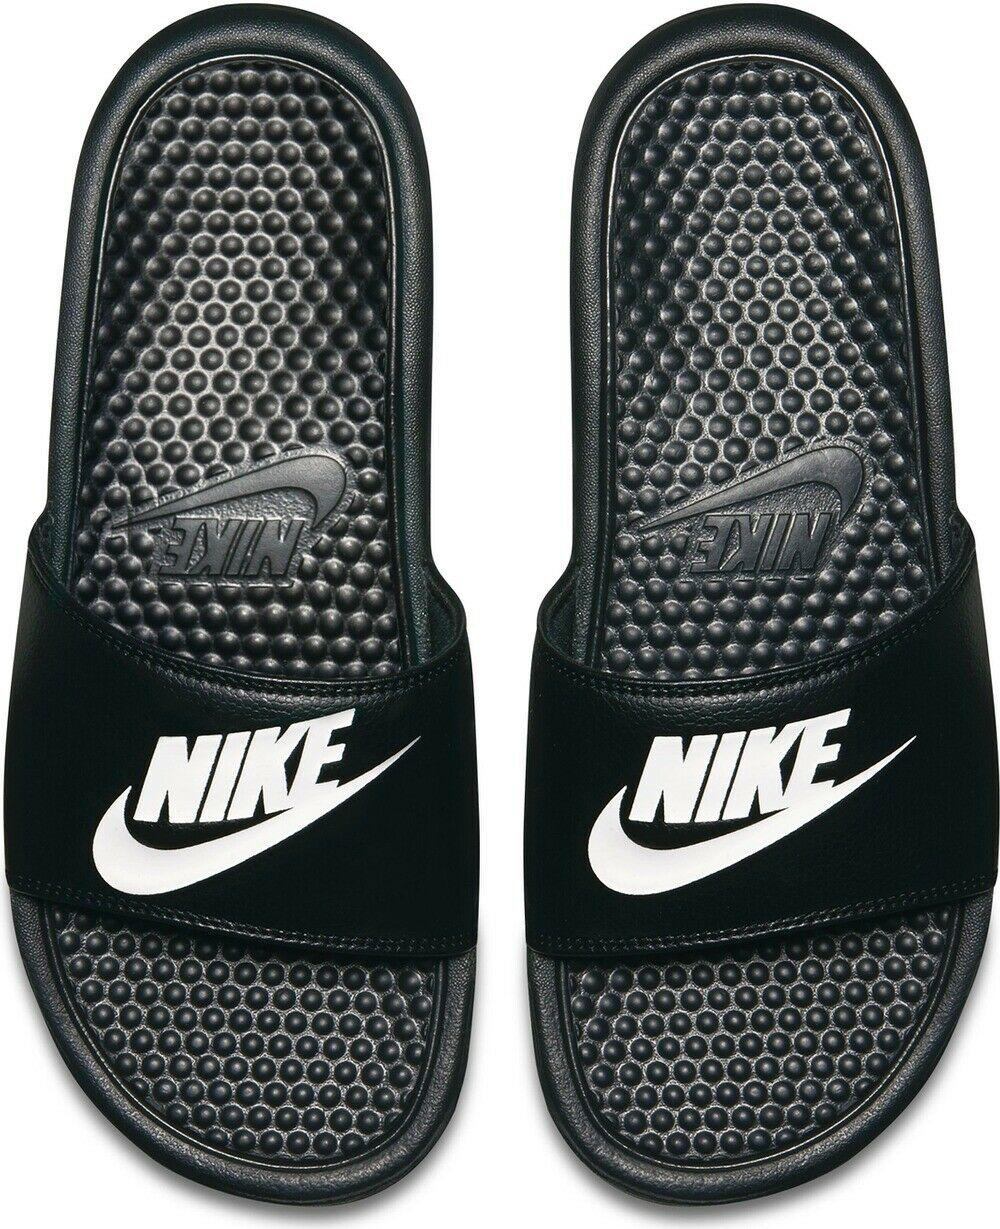 Nike Badeschuhe Benassi (343880-090) in schwarz weiß      NEU!!!